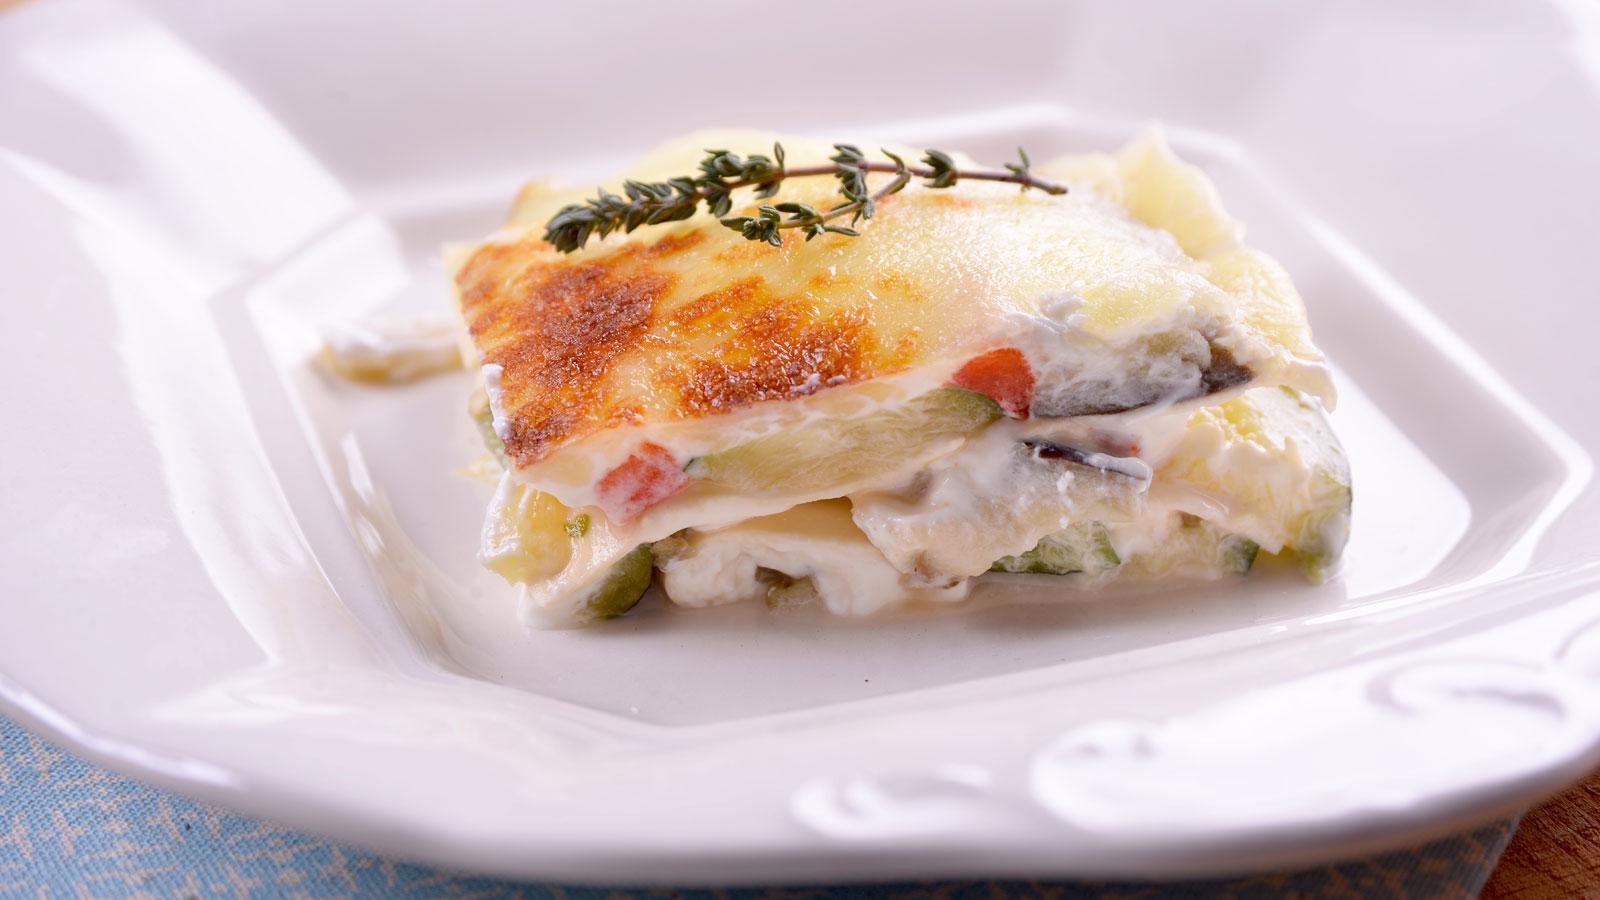 Lasa a de verduras asadas a los 3 quesos elena aymerich for Canal cocina cocina de familia